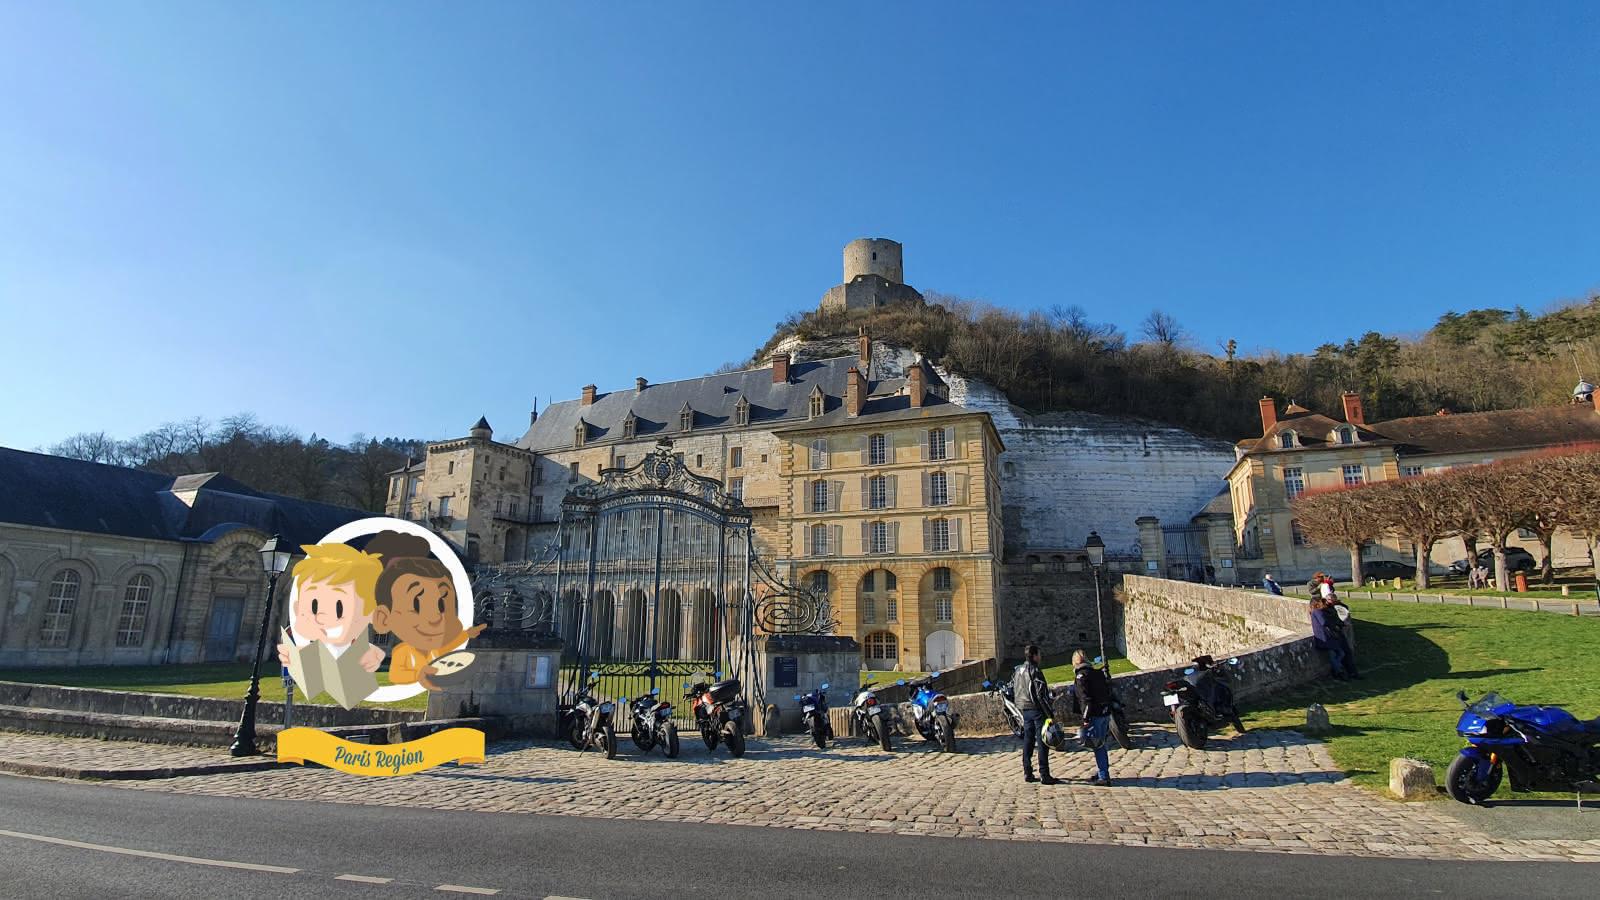 Photo du château de La Roche-Guyon avec des motards en contre-bas et un macaron de l'application Paris Région Aventures apposé dessus.